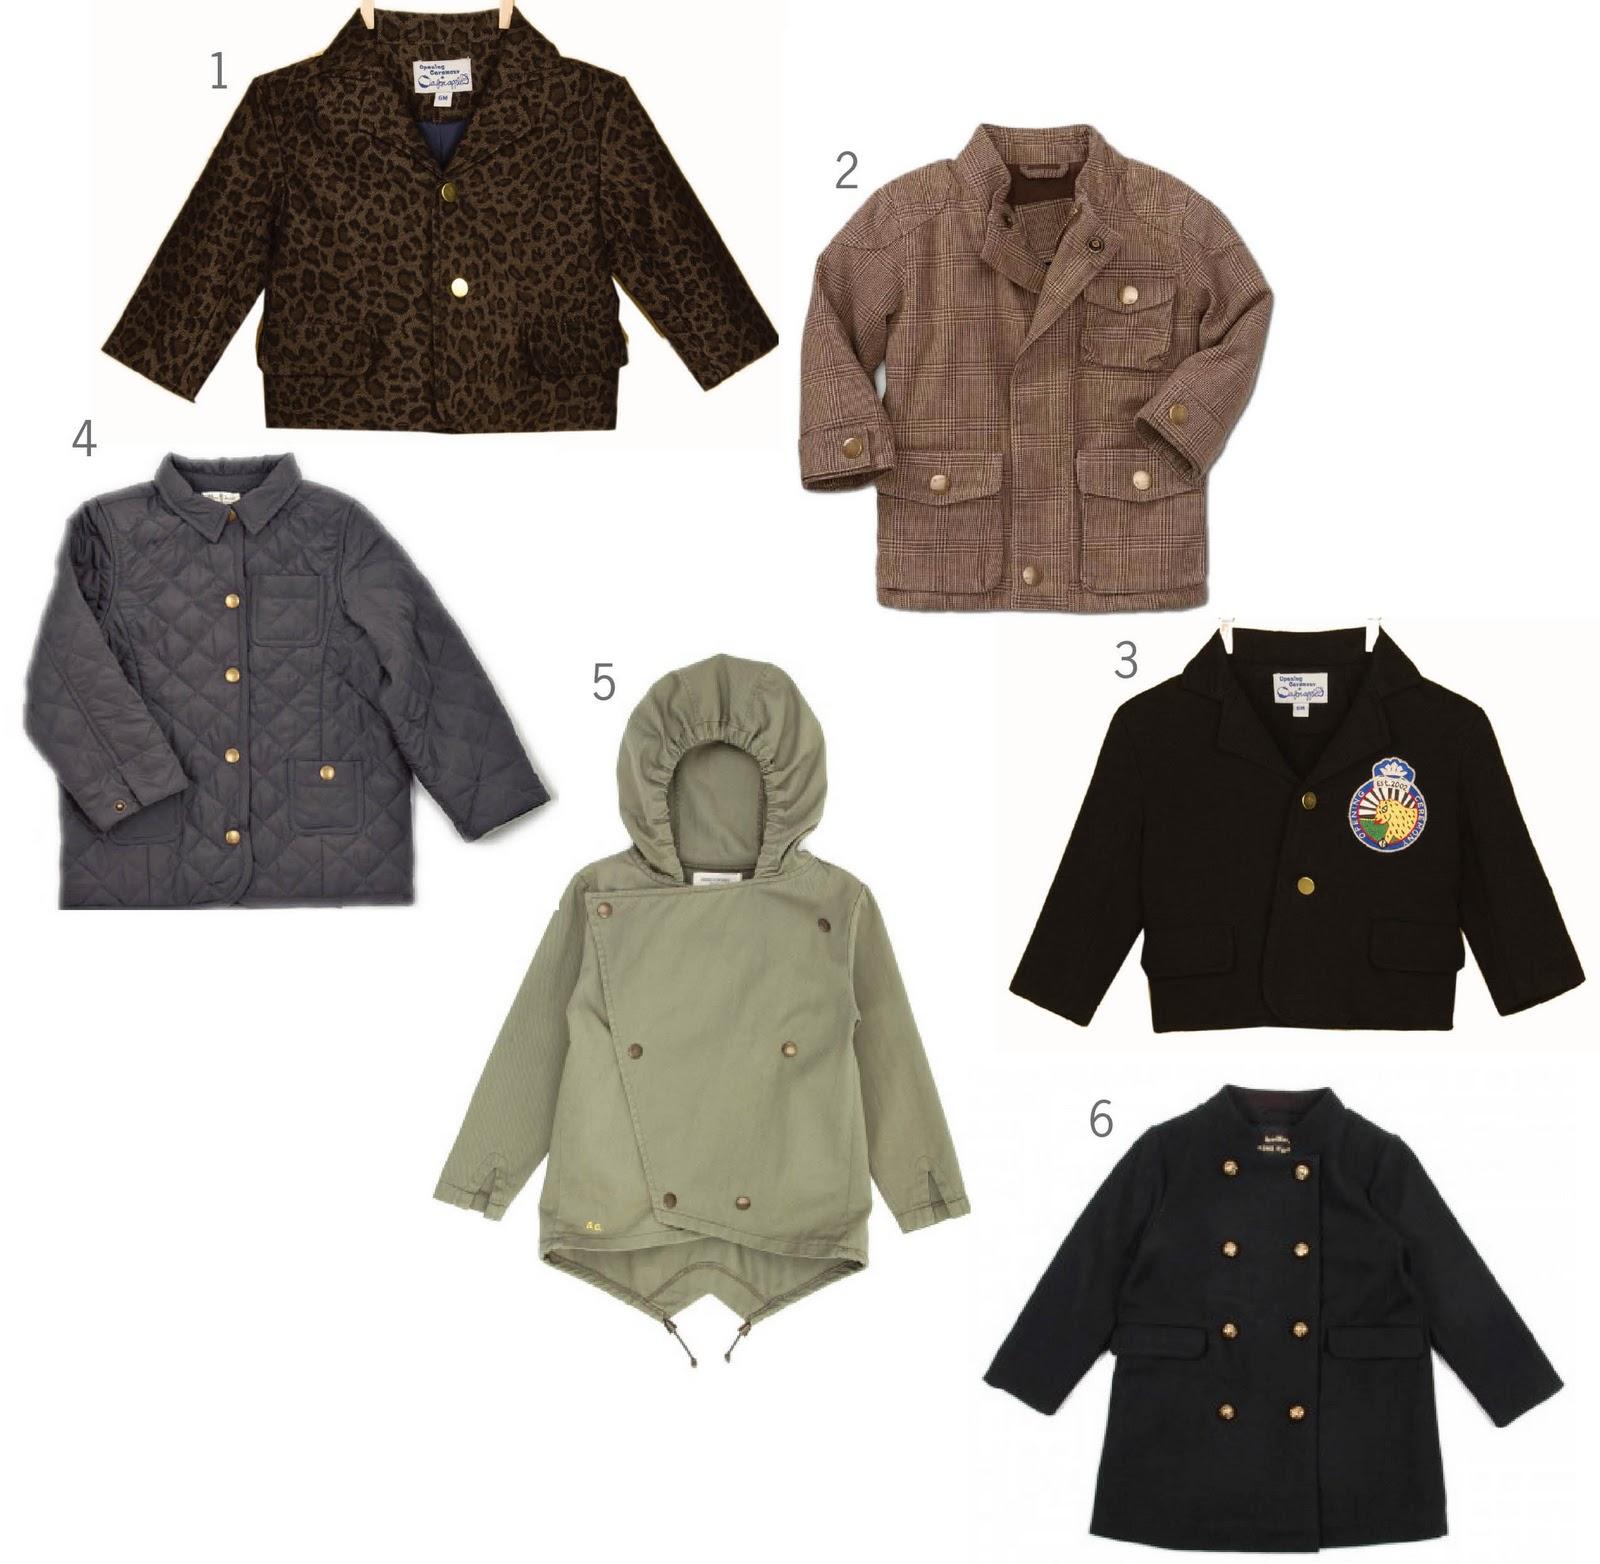 http://2.bp.blogspot.com/-ZXzuLdjAsbY/ToE0j5-pBwI/AAAAAAAAHeQ/roMD31Mo1Gw/s1600/fallcoats.jpg